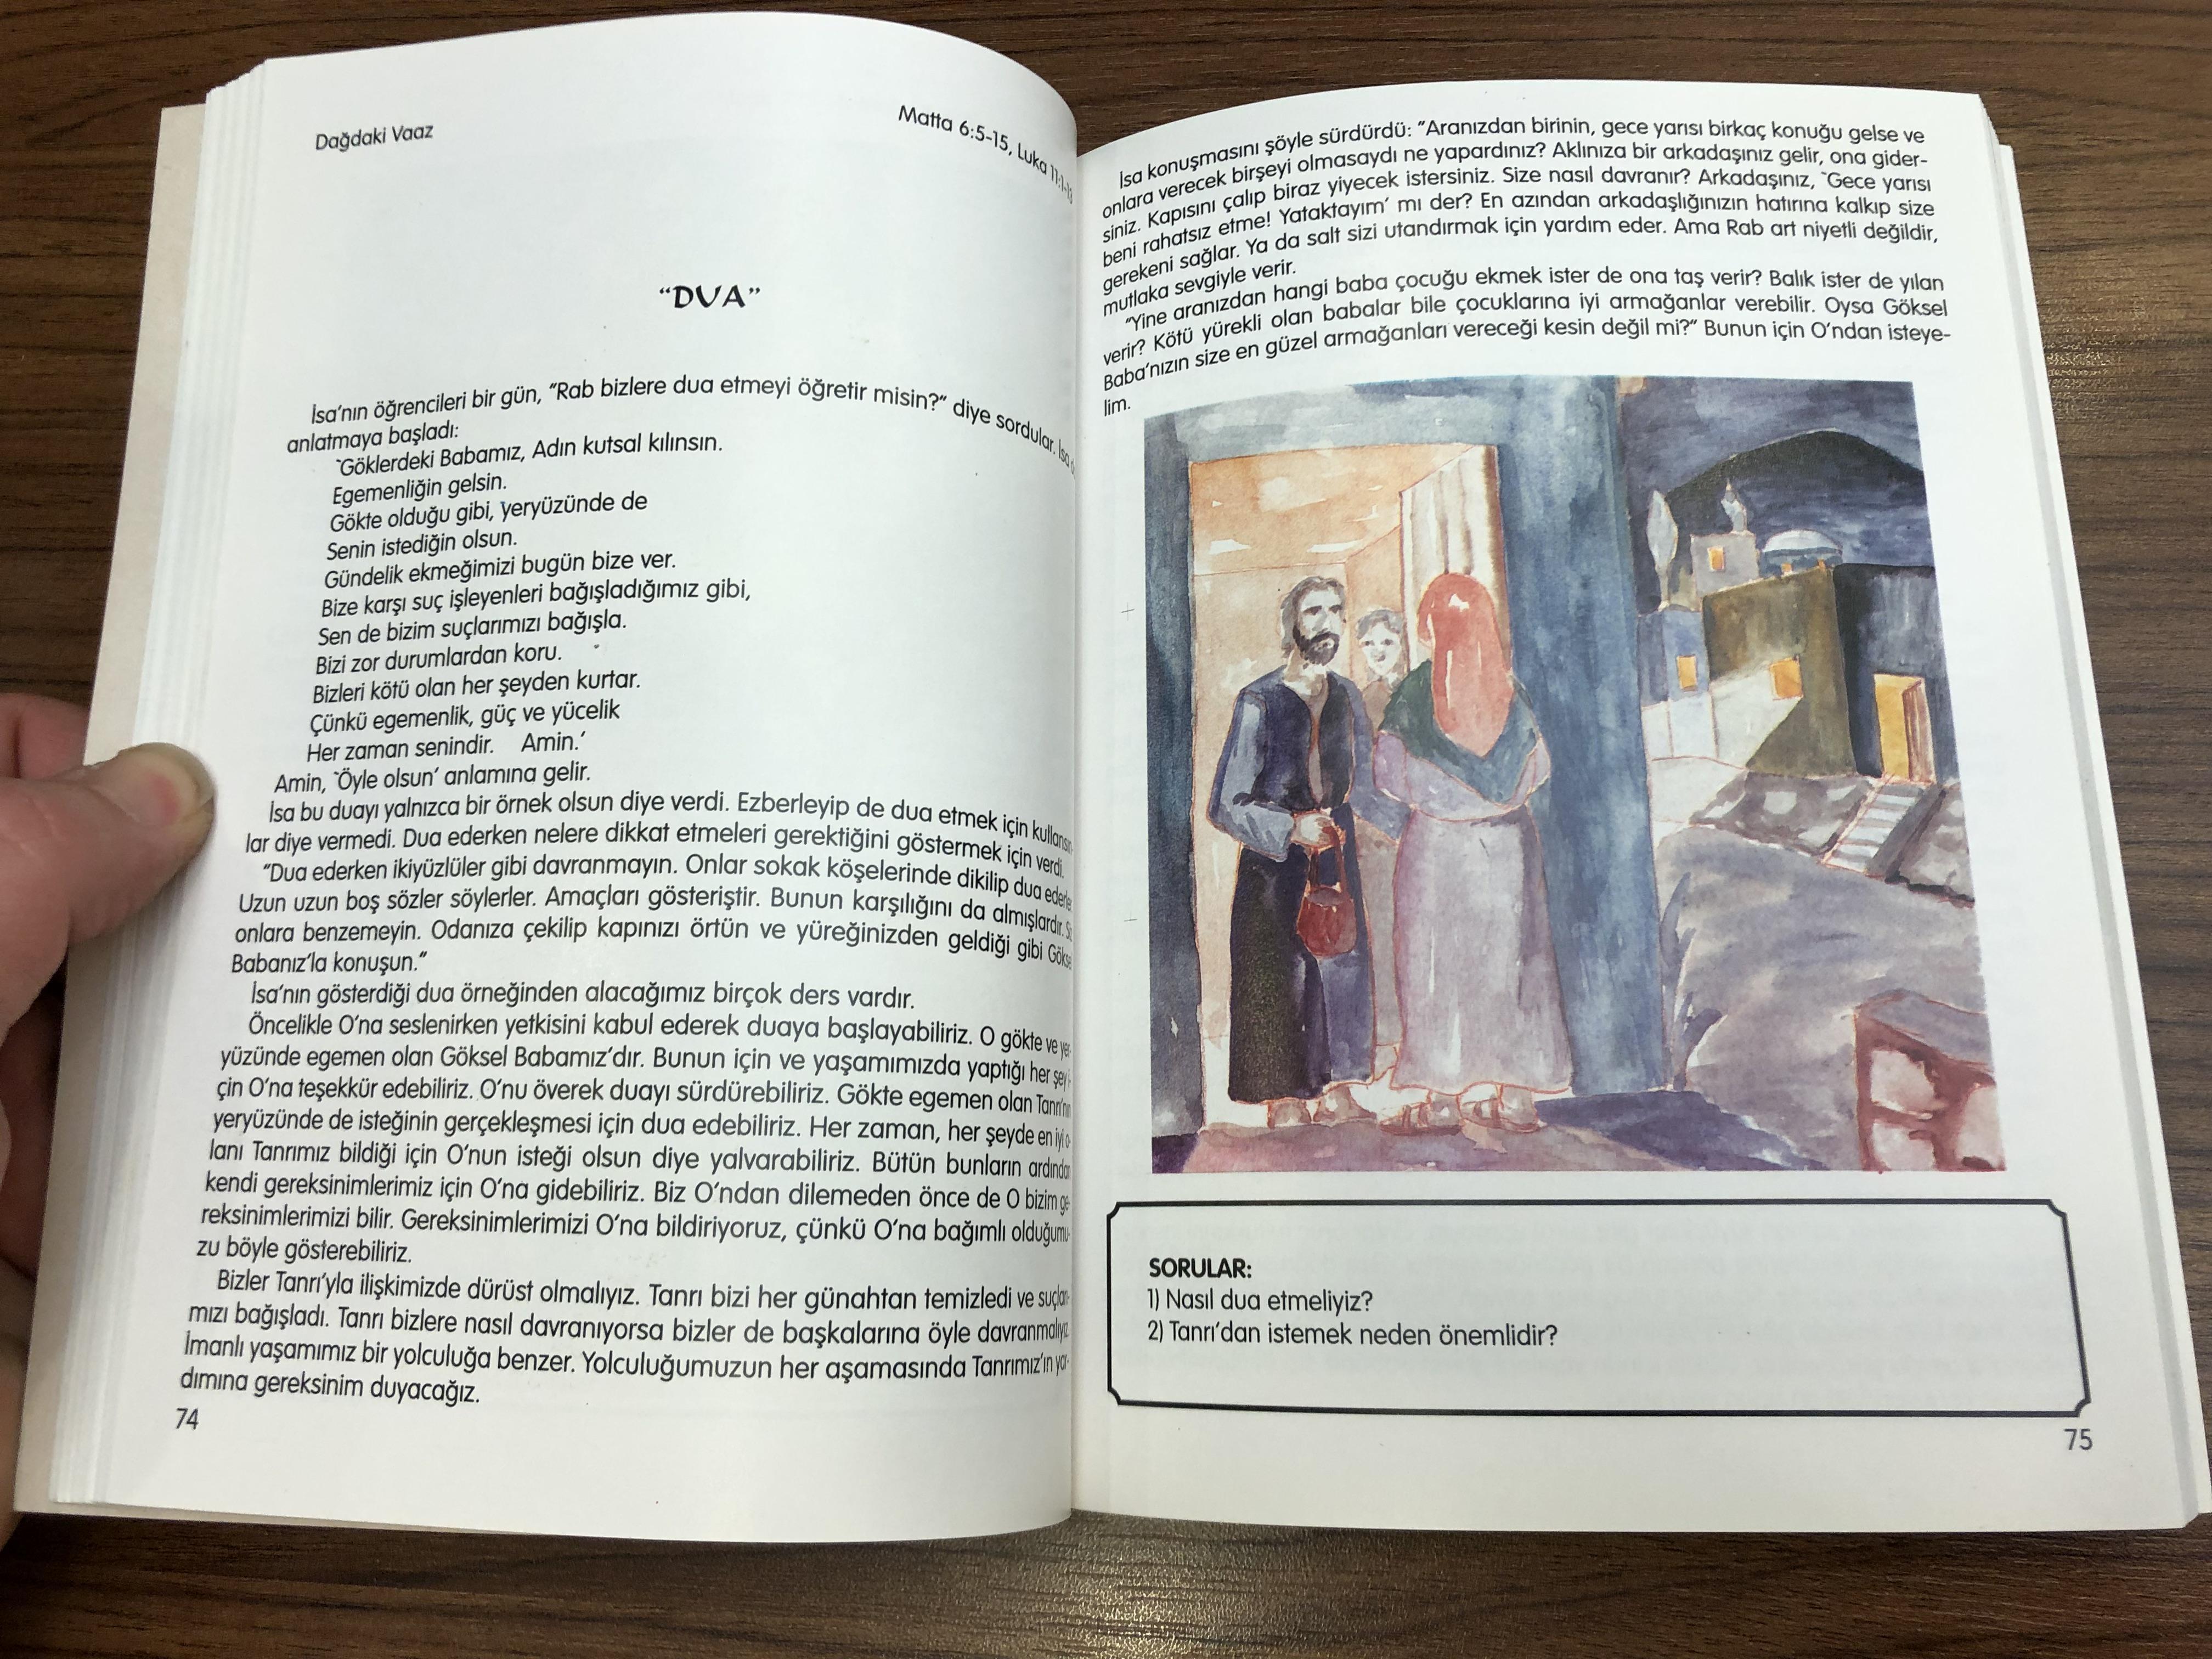 cocuklar-icin-indil-den-oykuler-turkish-children-s-bible-4-.jpg